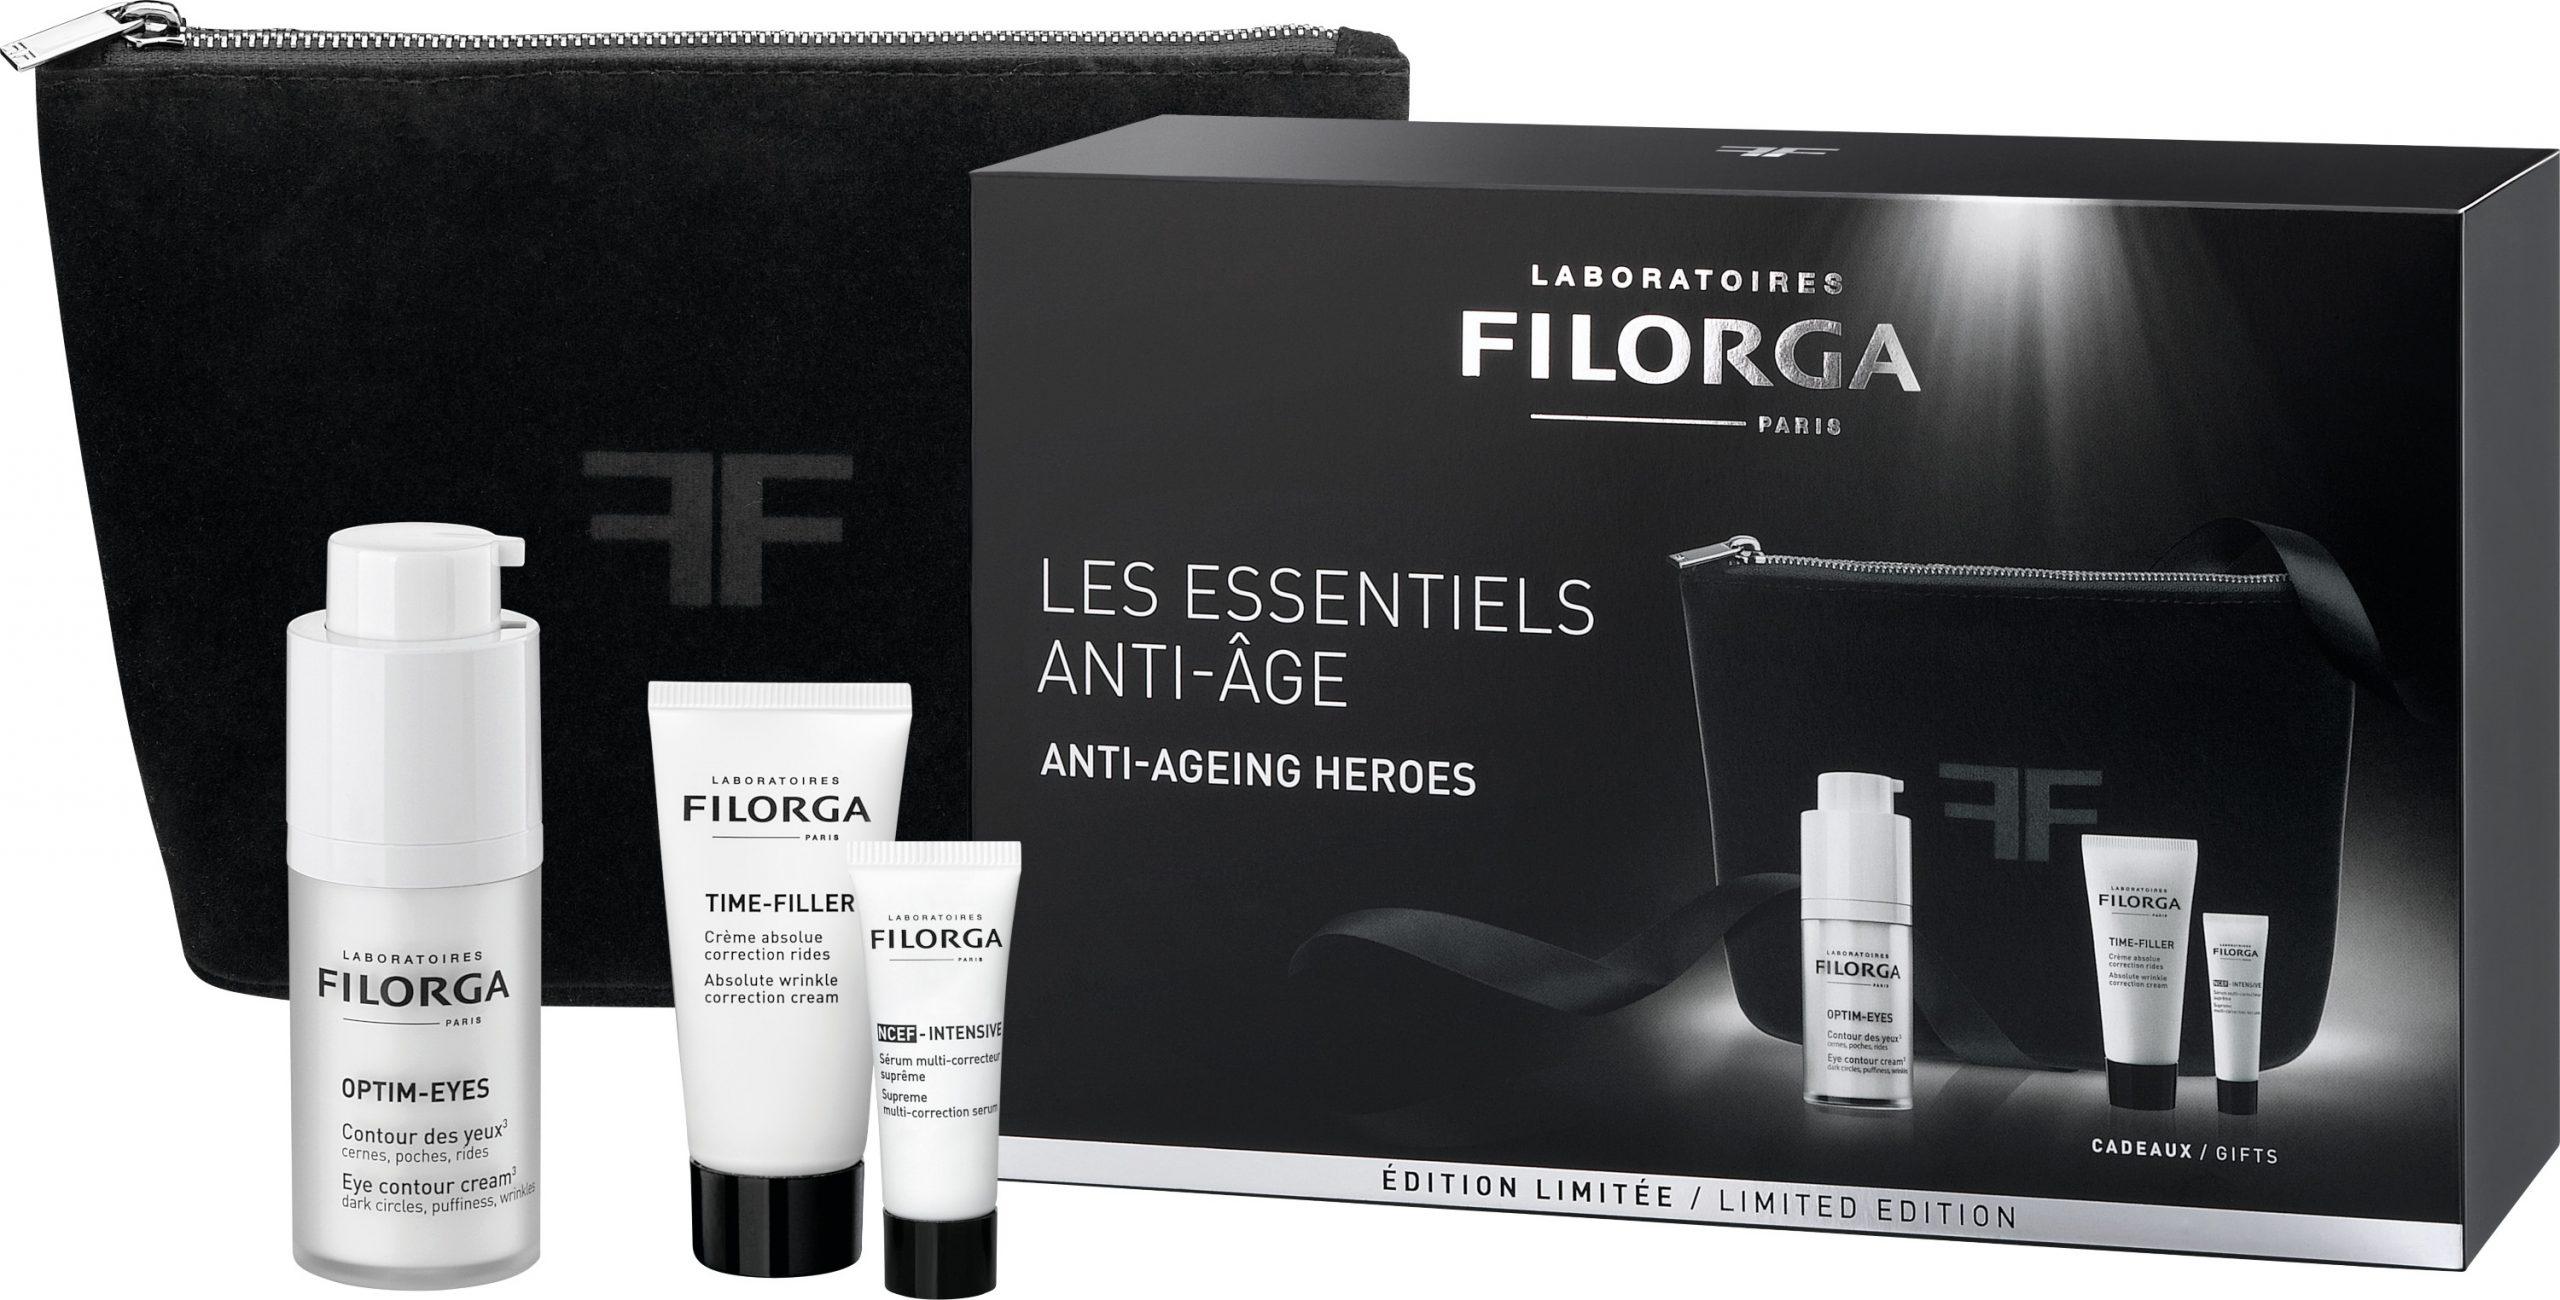 Filorga Optim-Eyes Anti-Ageing Kit